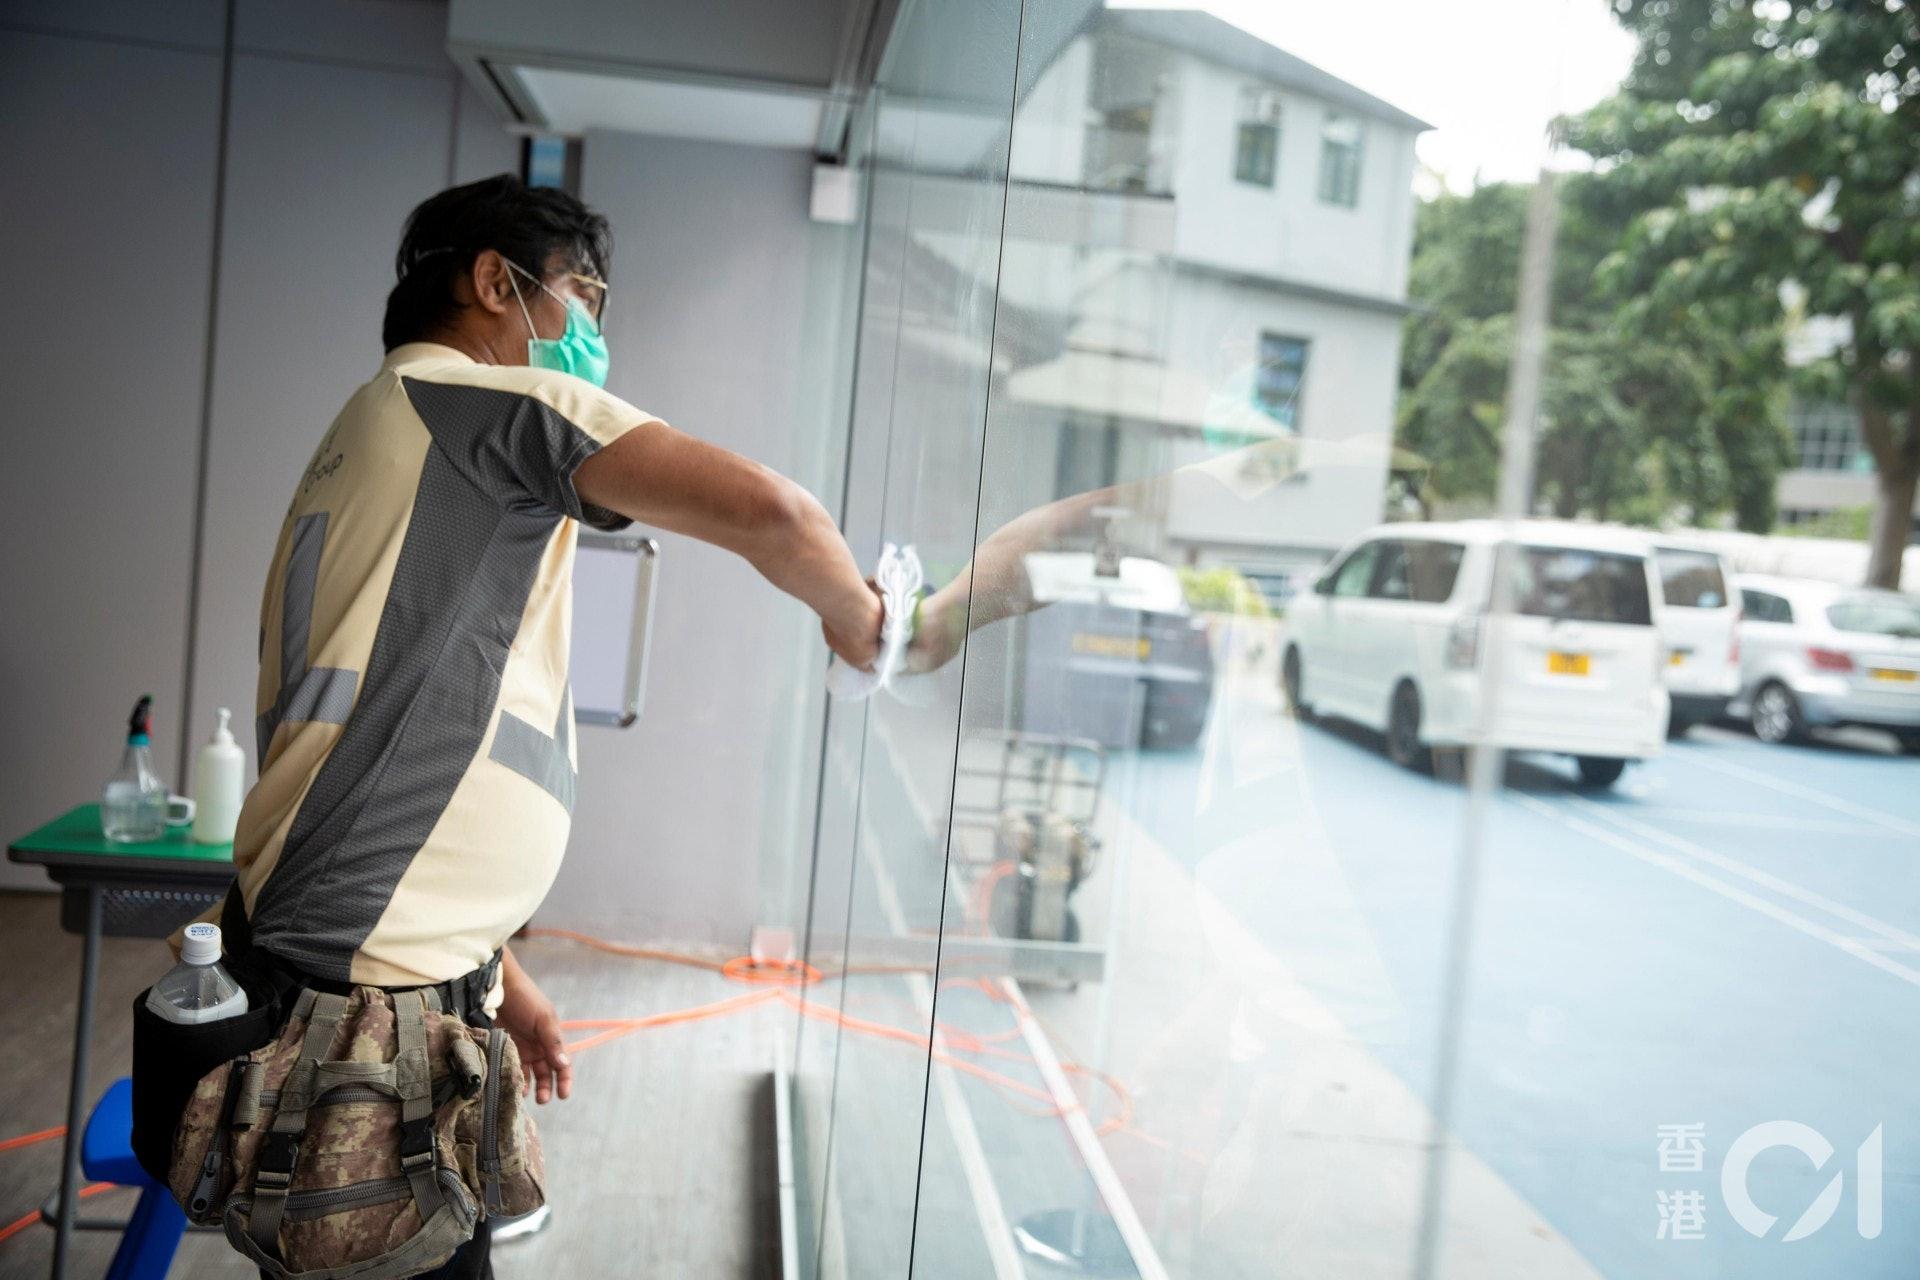 德萃小學邀請科技公司為辦公室、樓梯及部分班房噴上「納米光電觸媒」塗層消毒及抗菌。(龔嘉盛攝)